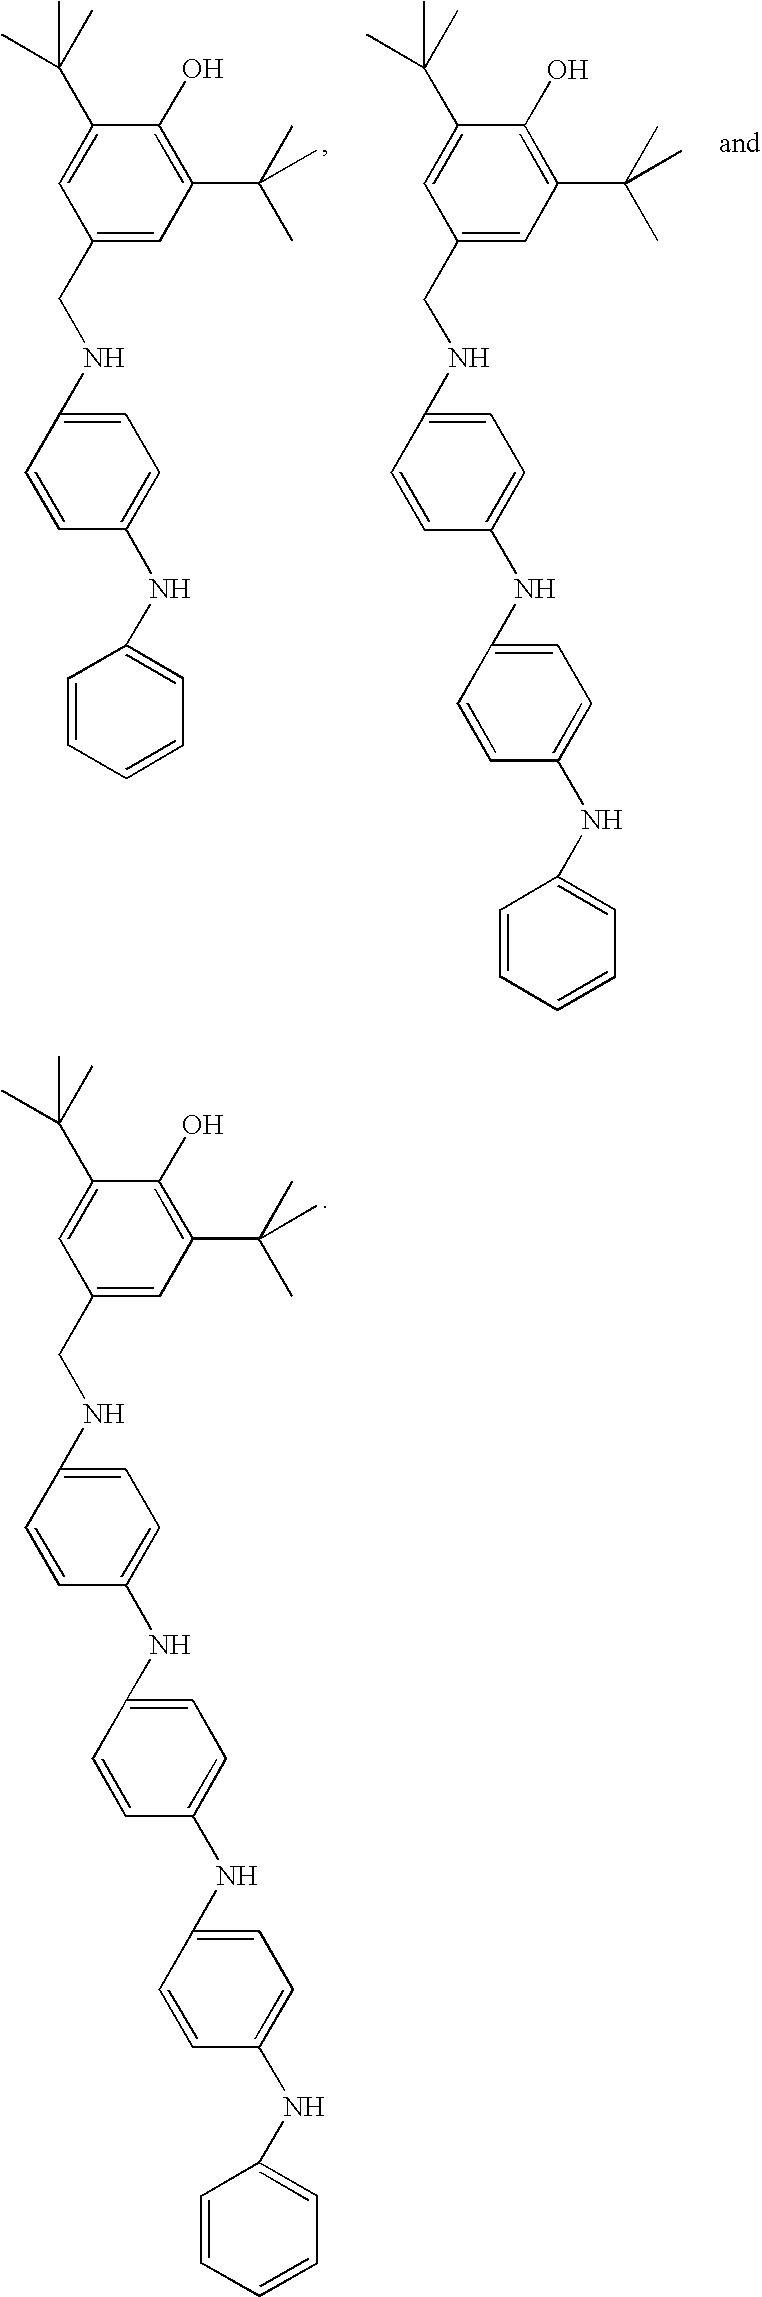 Figure US07705075-20100427-C00045